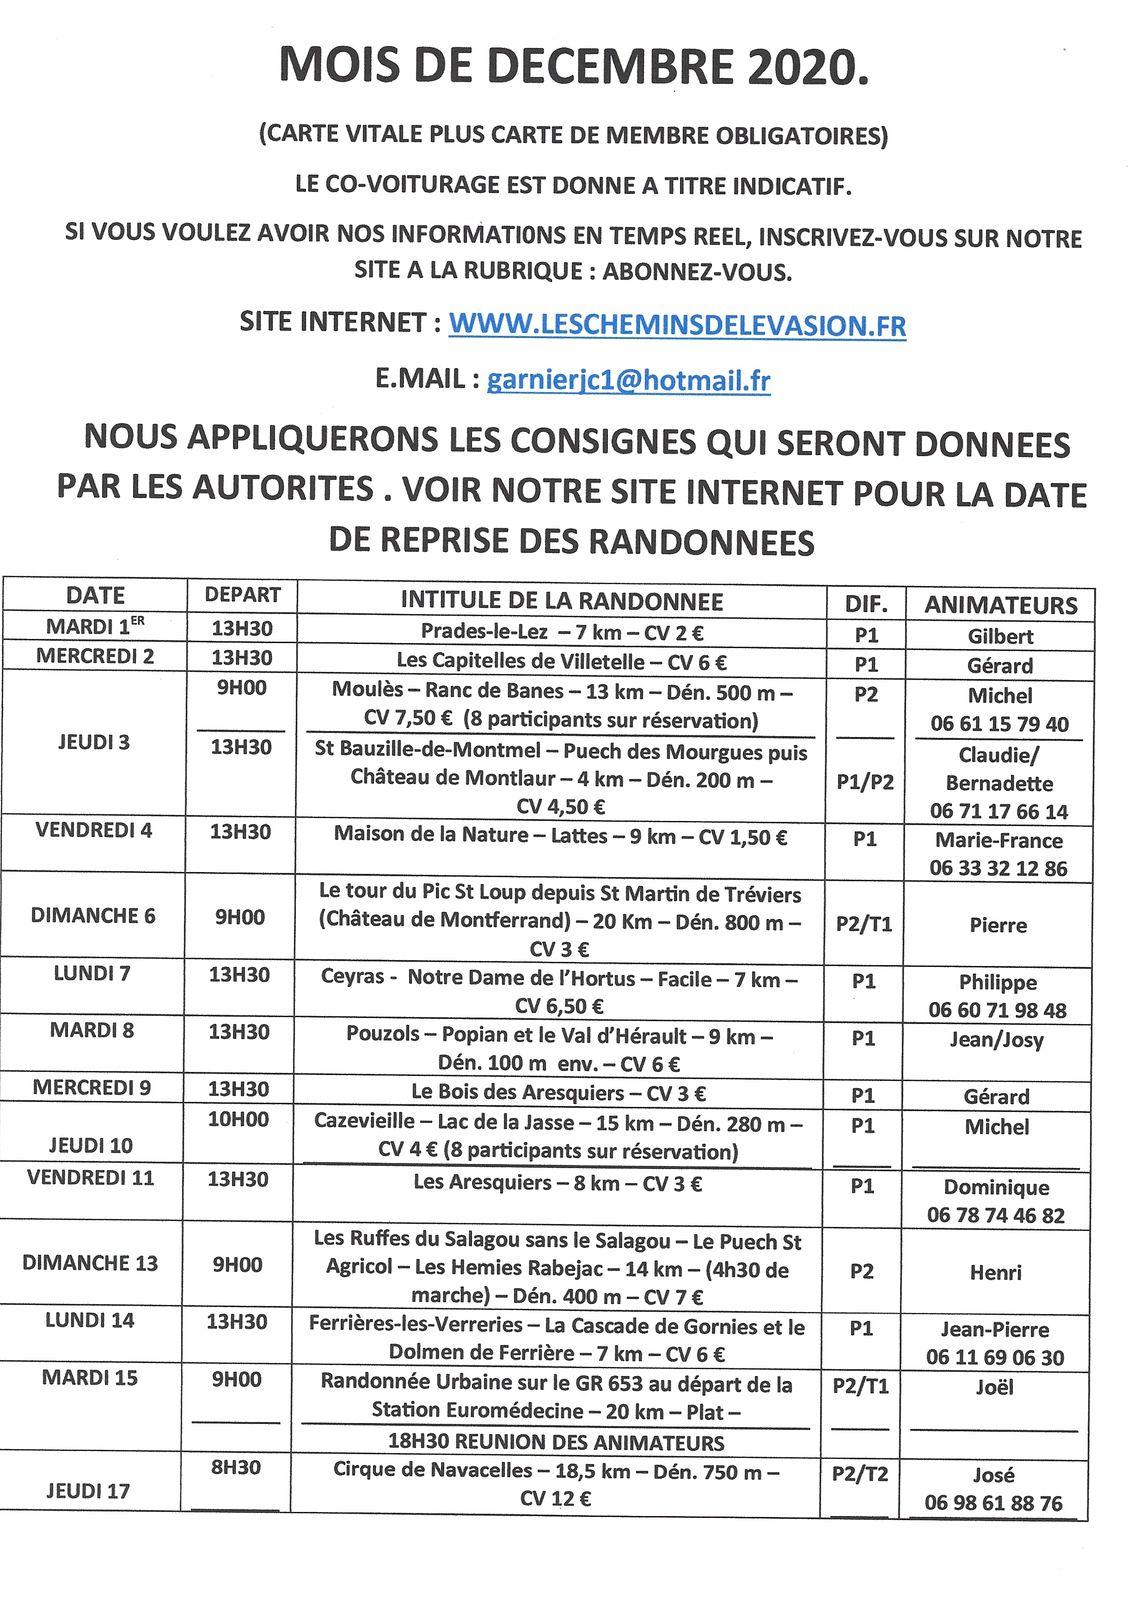 REPRISE DES RANDONNEES LE 15 DECEMBRE EN FONCTION DE LA REGLEMENTATION EN VIGEUR CE JOUR LA.